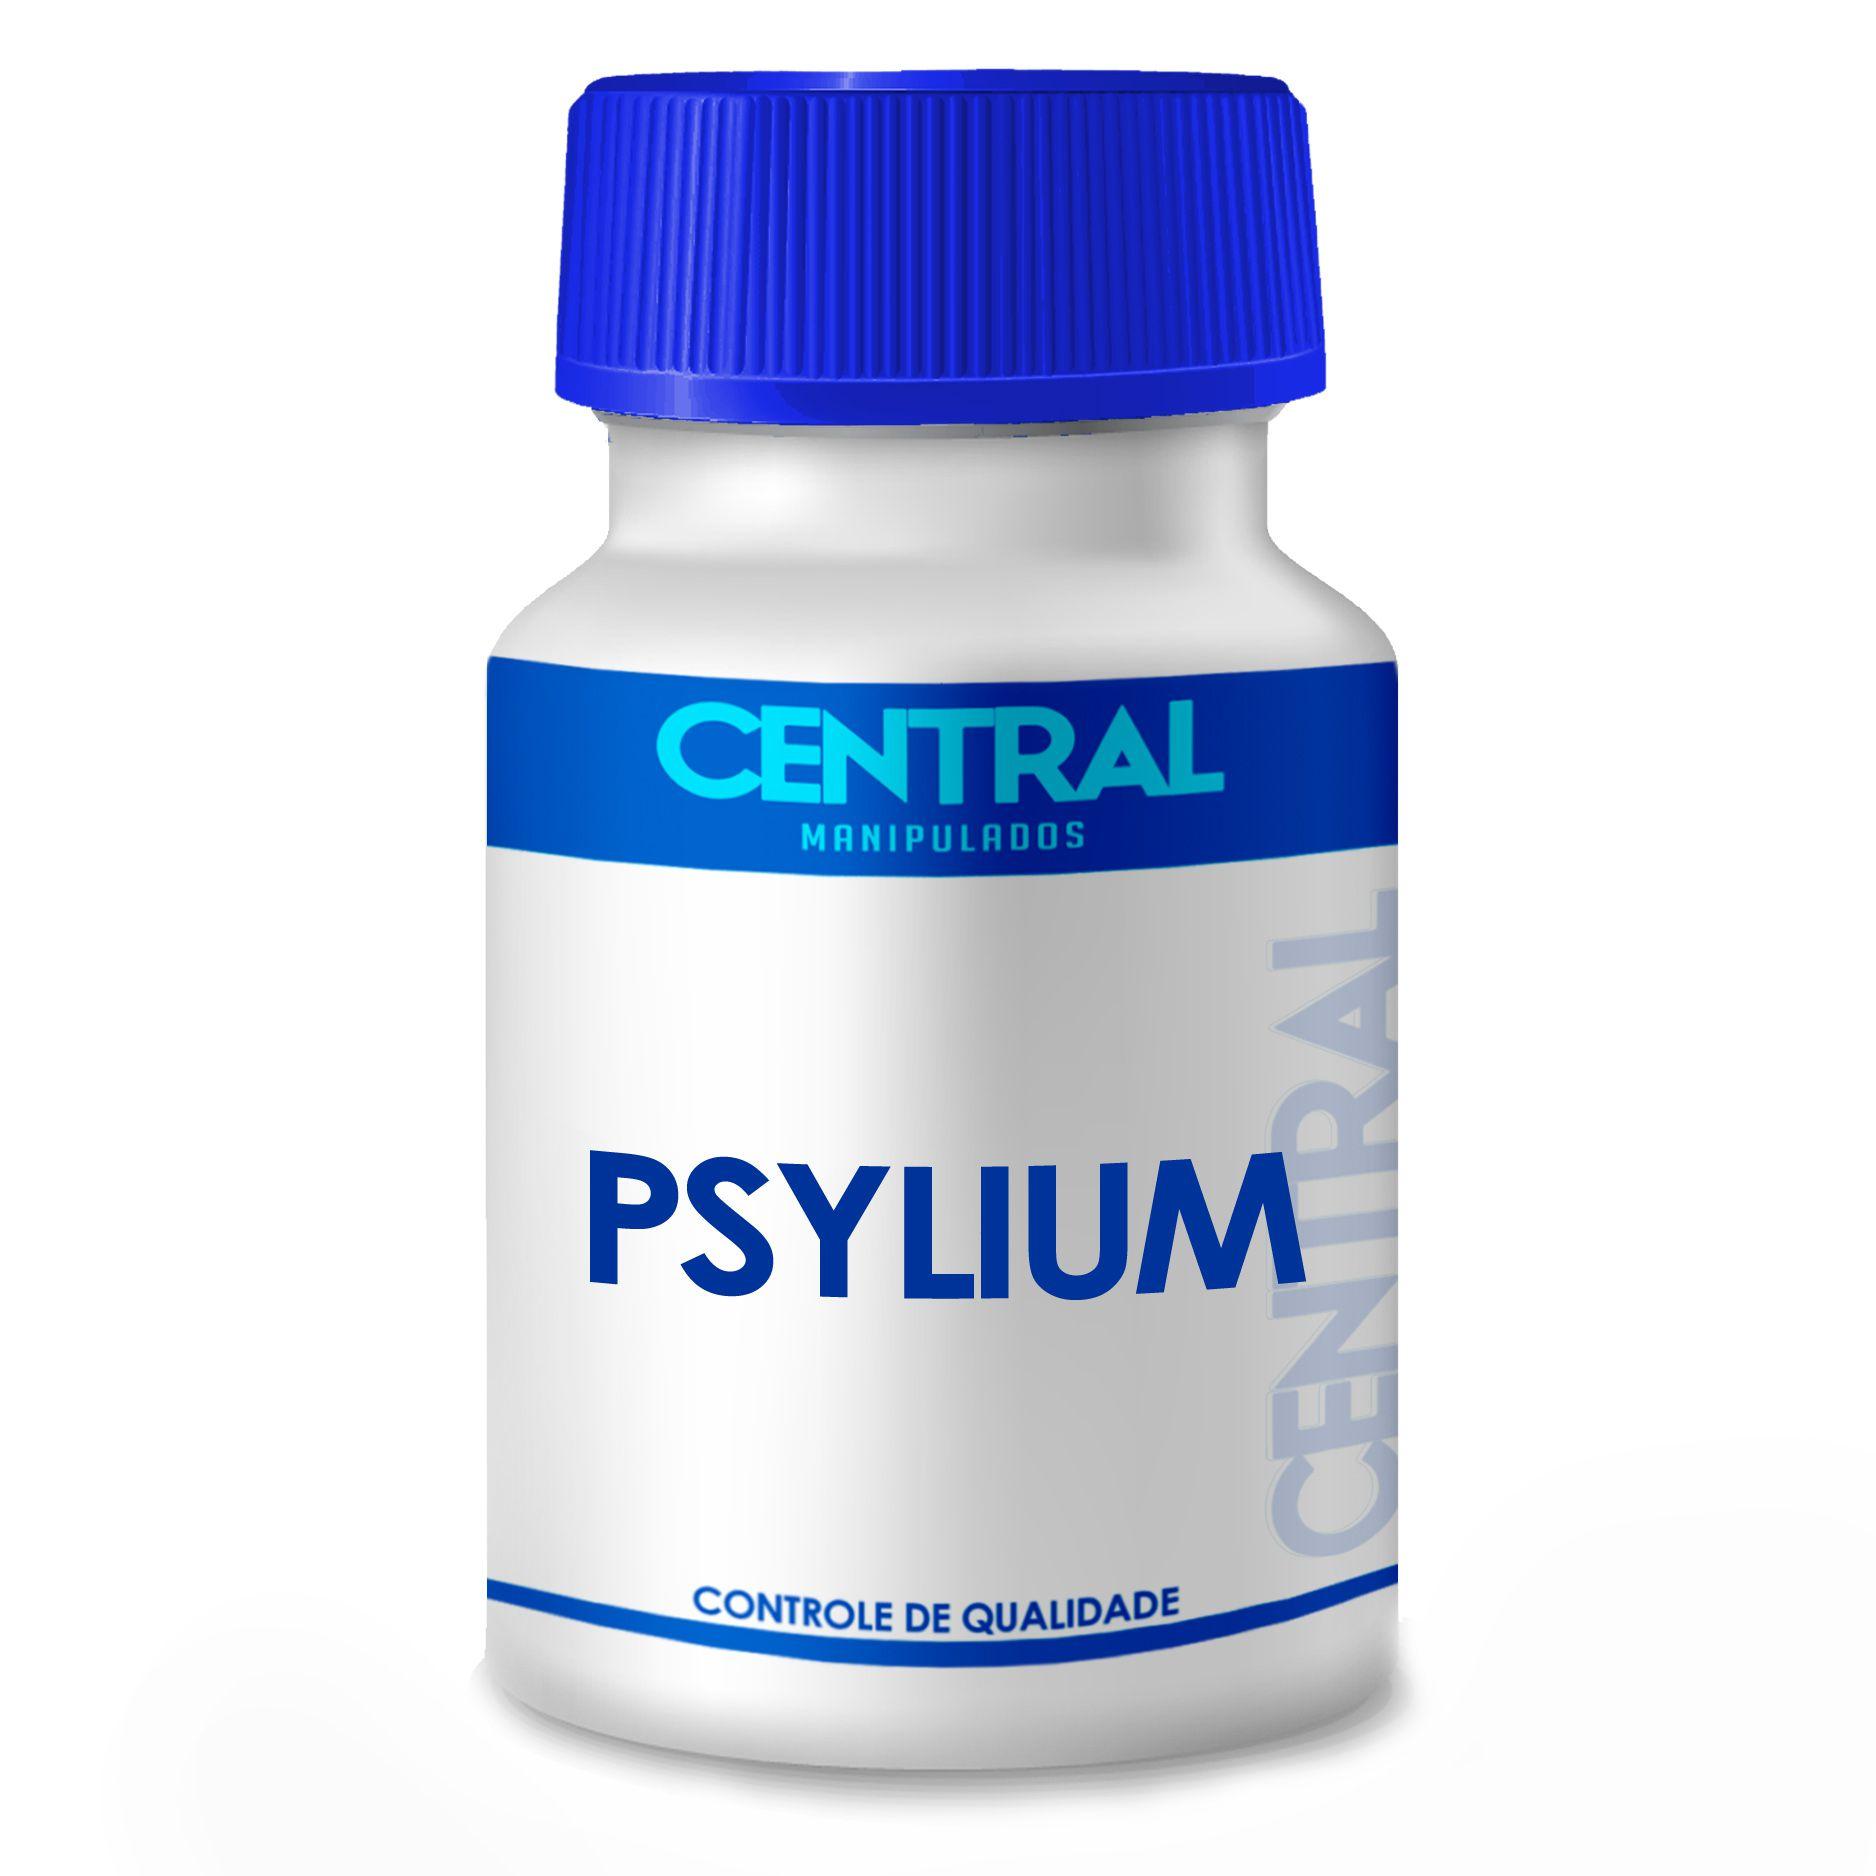 Psyllium 500mg 60 cápsulas - Para constipação crônica, hemorroidas, colites e diverticulites